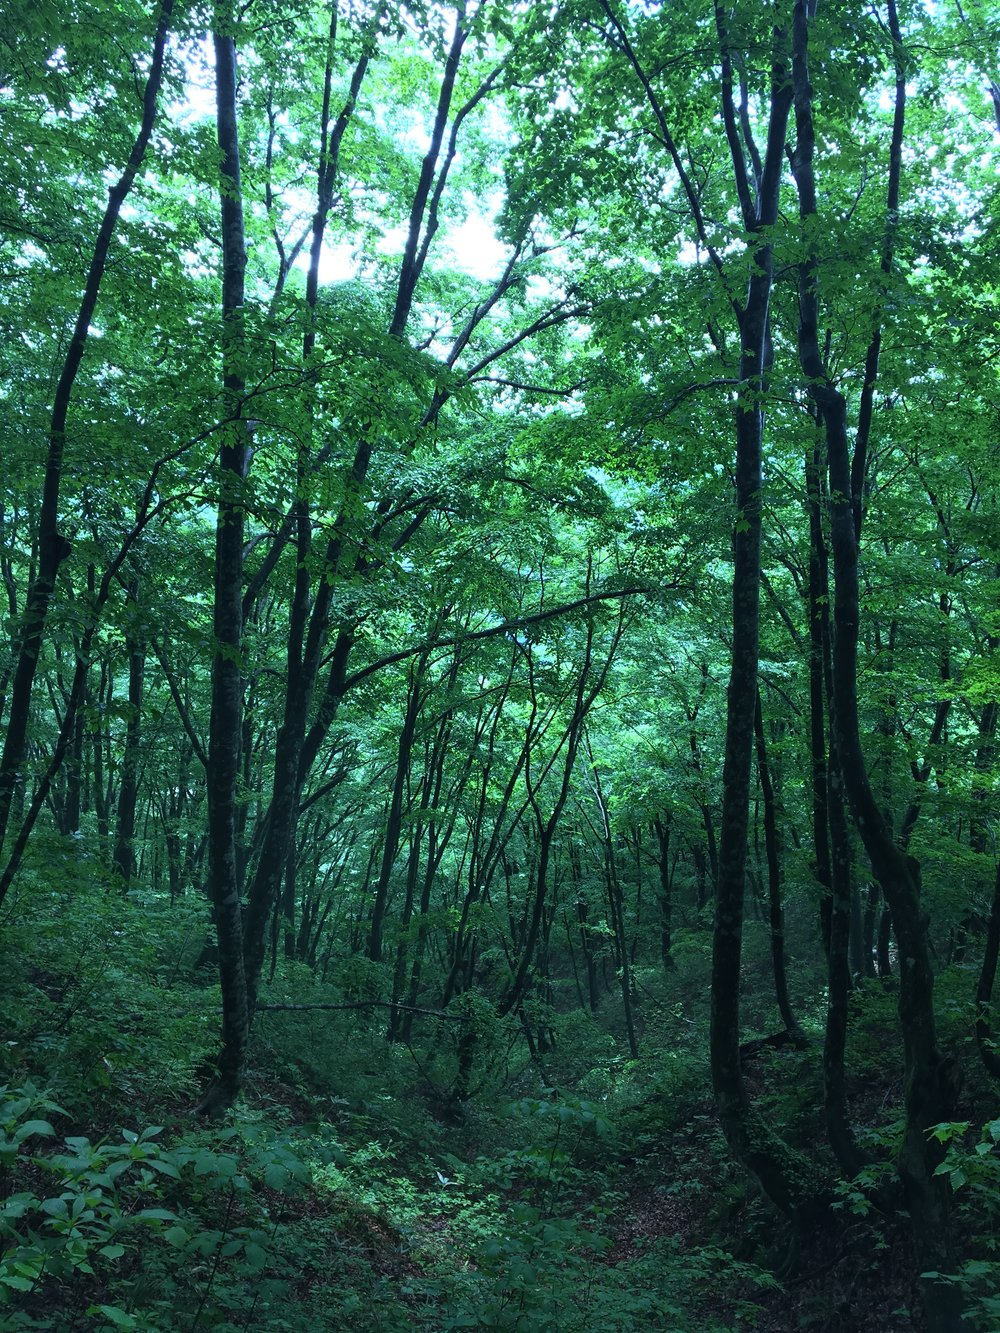 鳴子のシンボル花渕山。ブナの自然林が見事です。